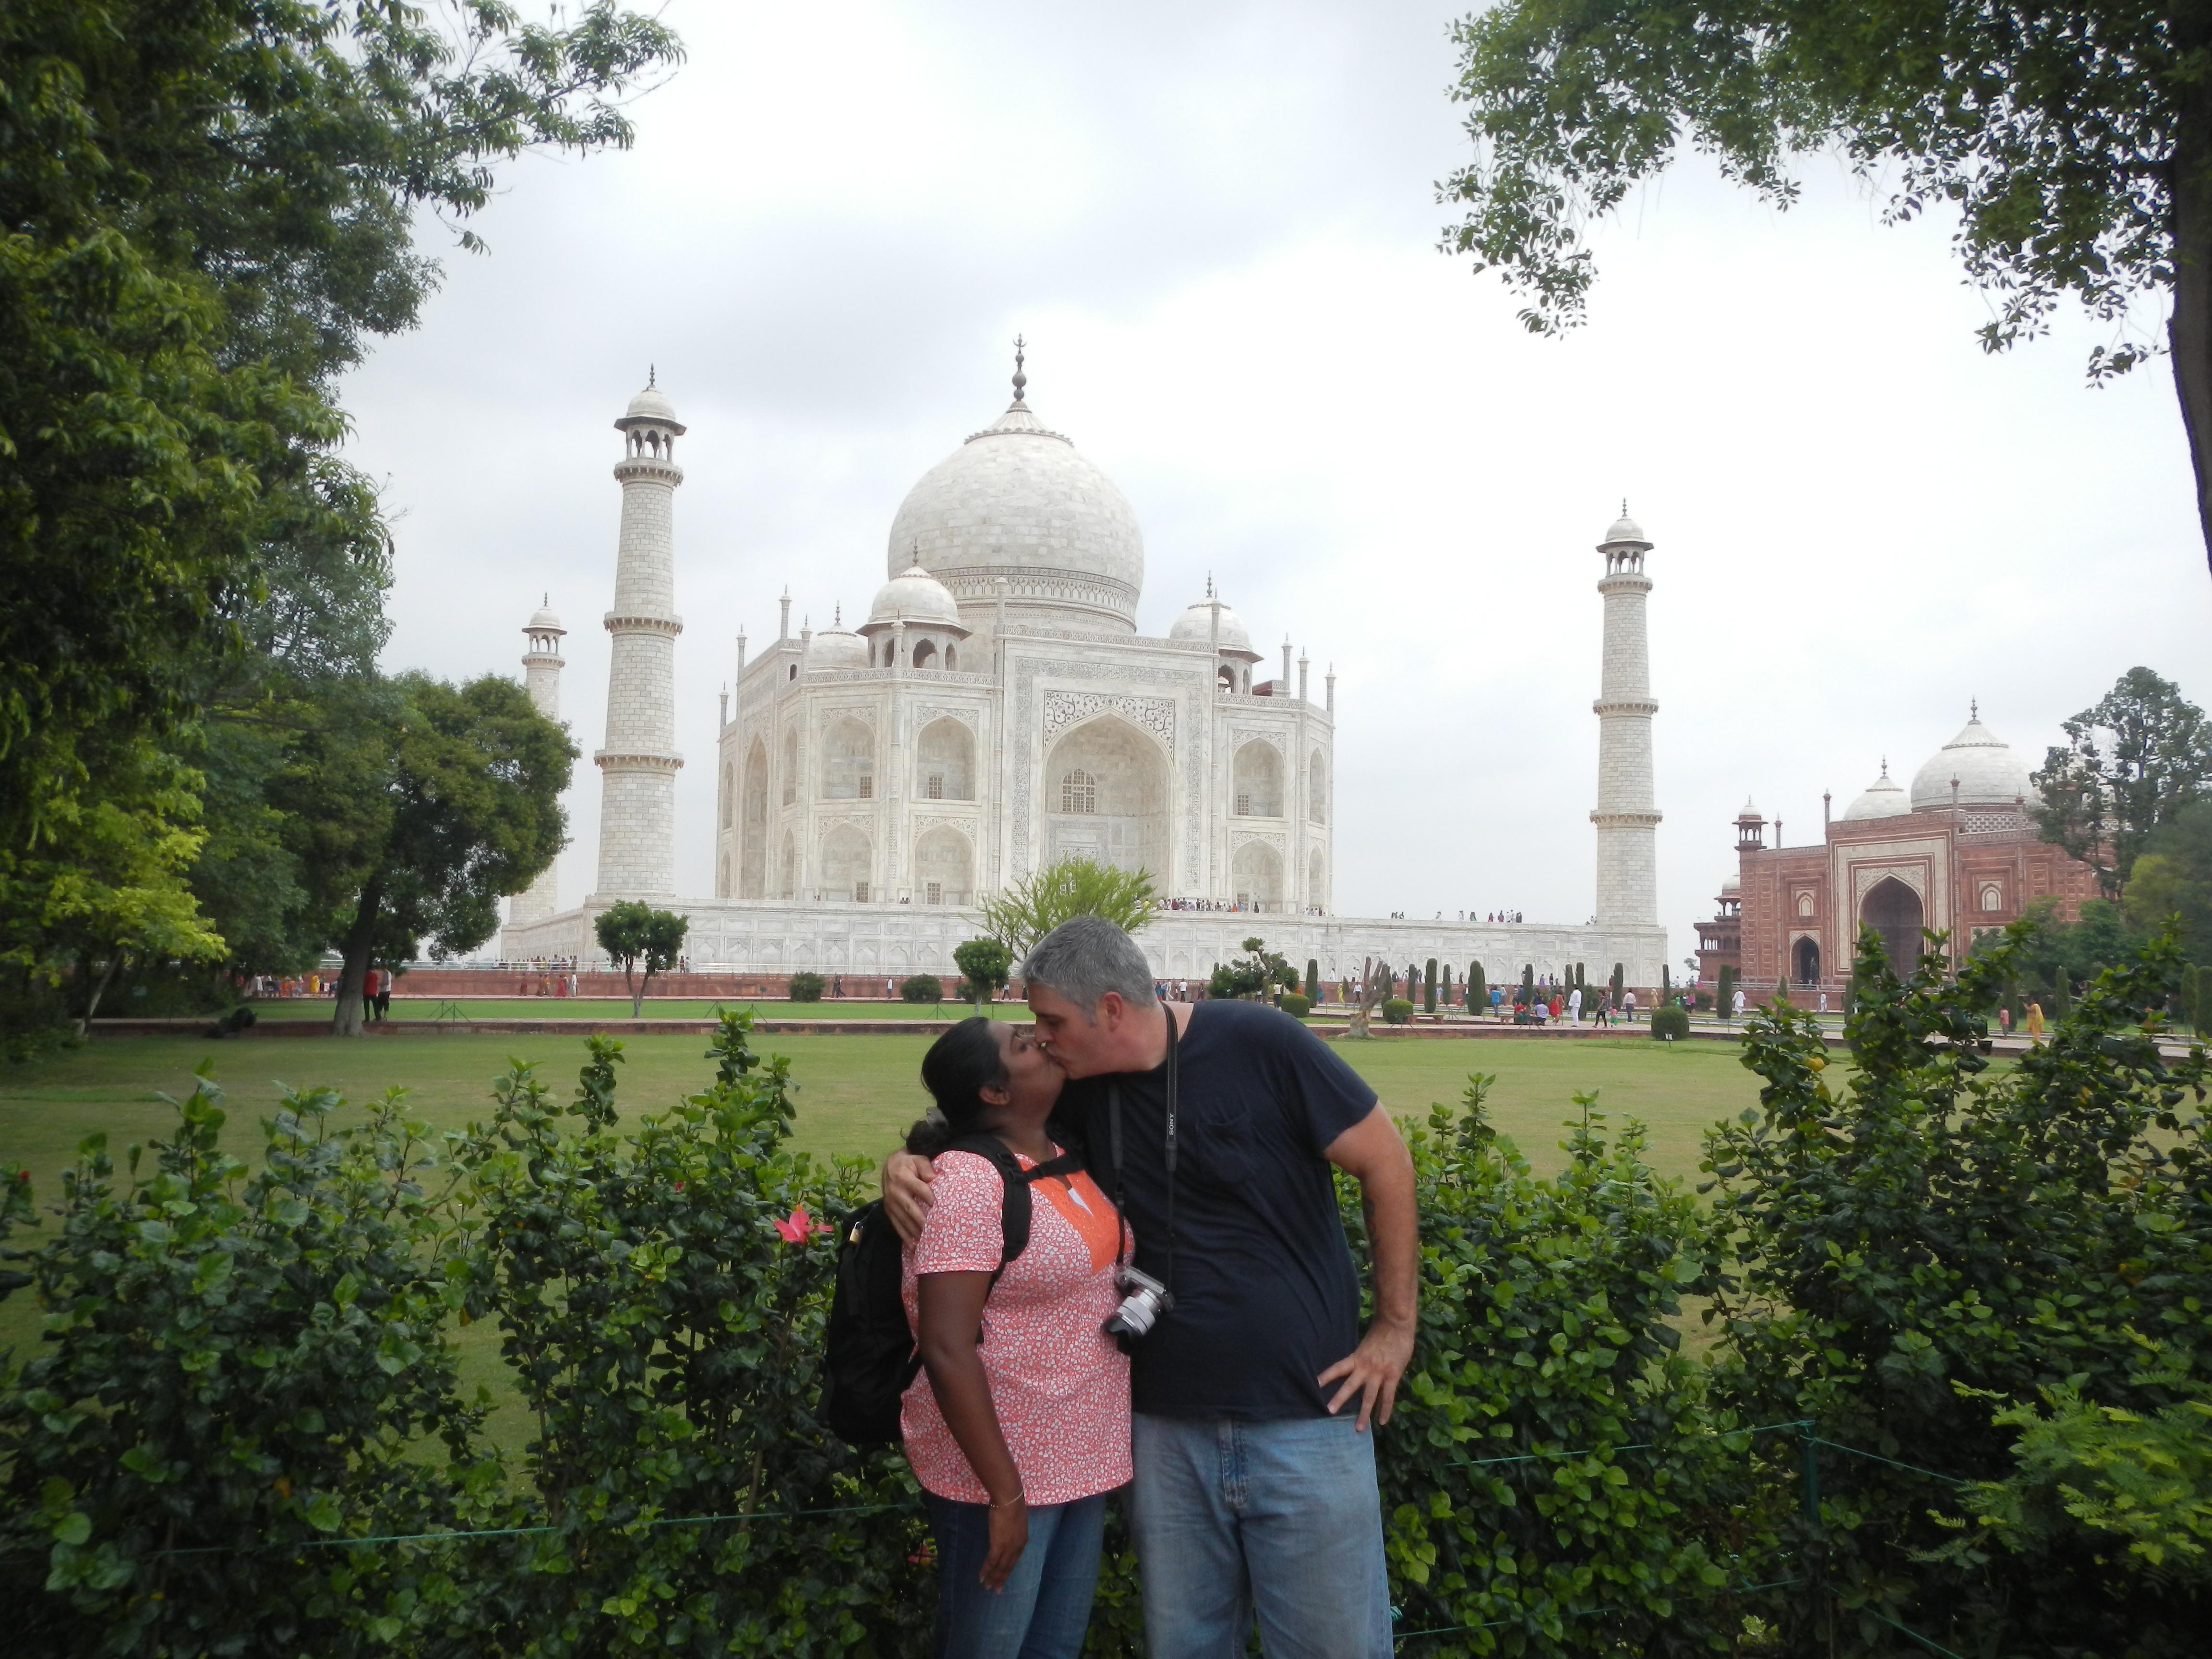 Palace of love -Taj Mahal